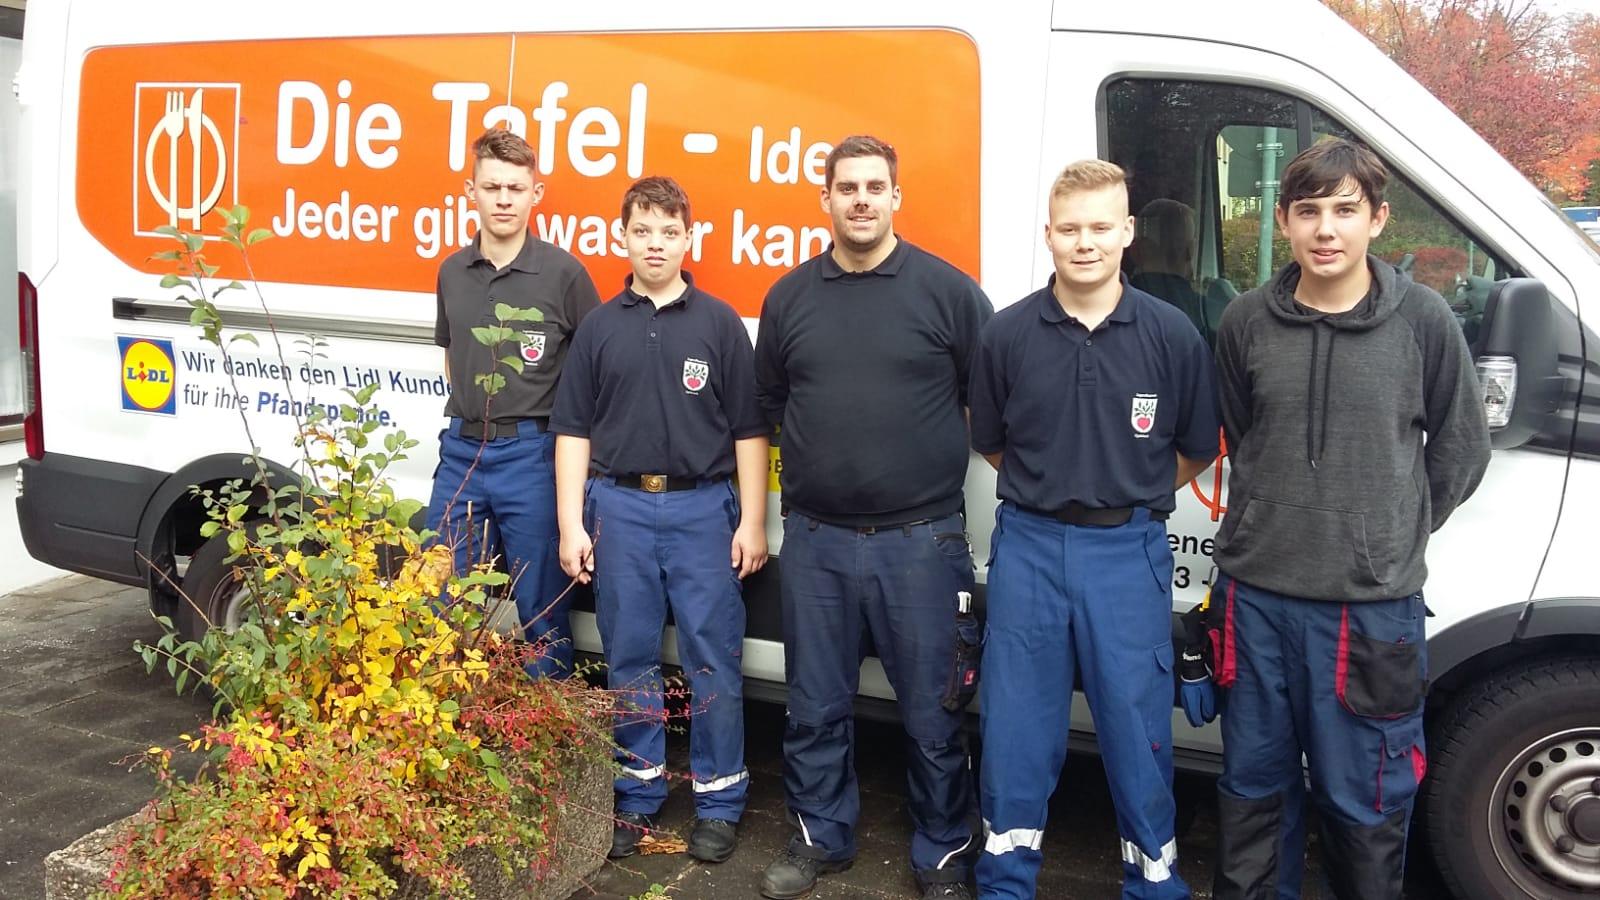 Langender Tafel Spendenaktion Tüten Egelsbach Feuerwehr Fussballverein